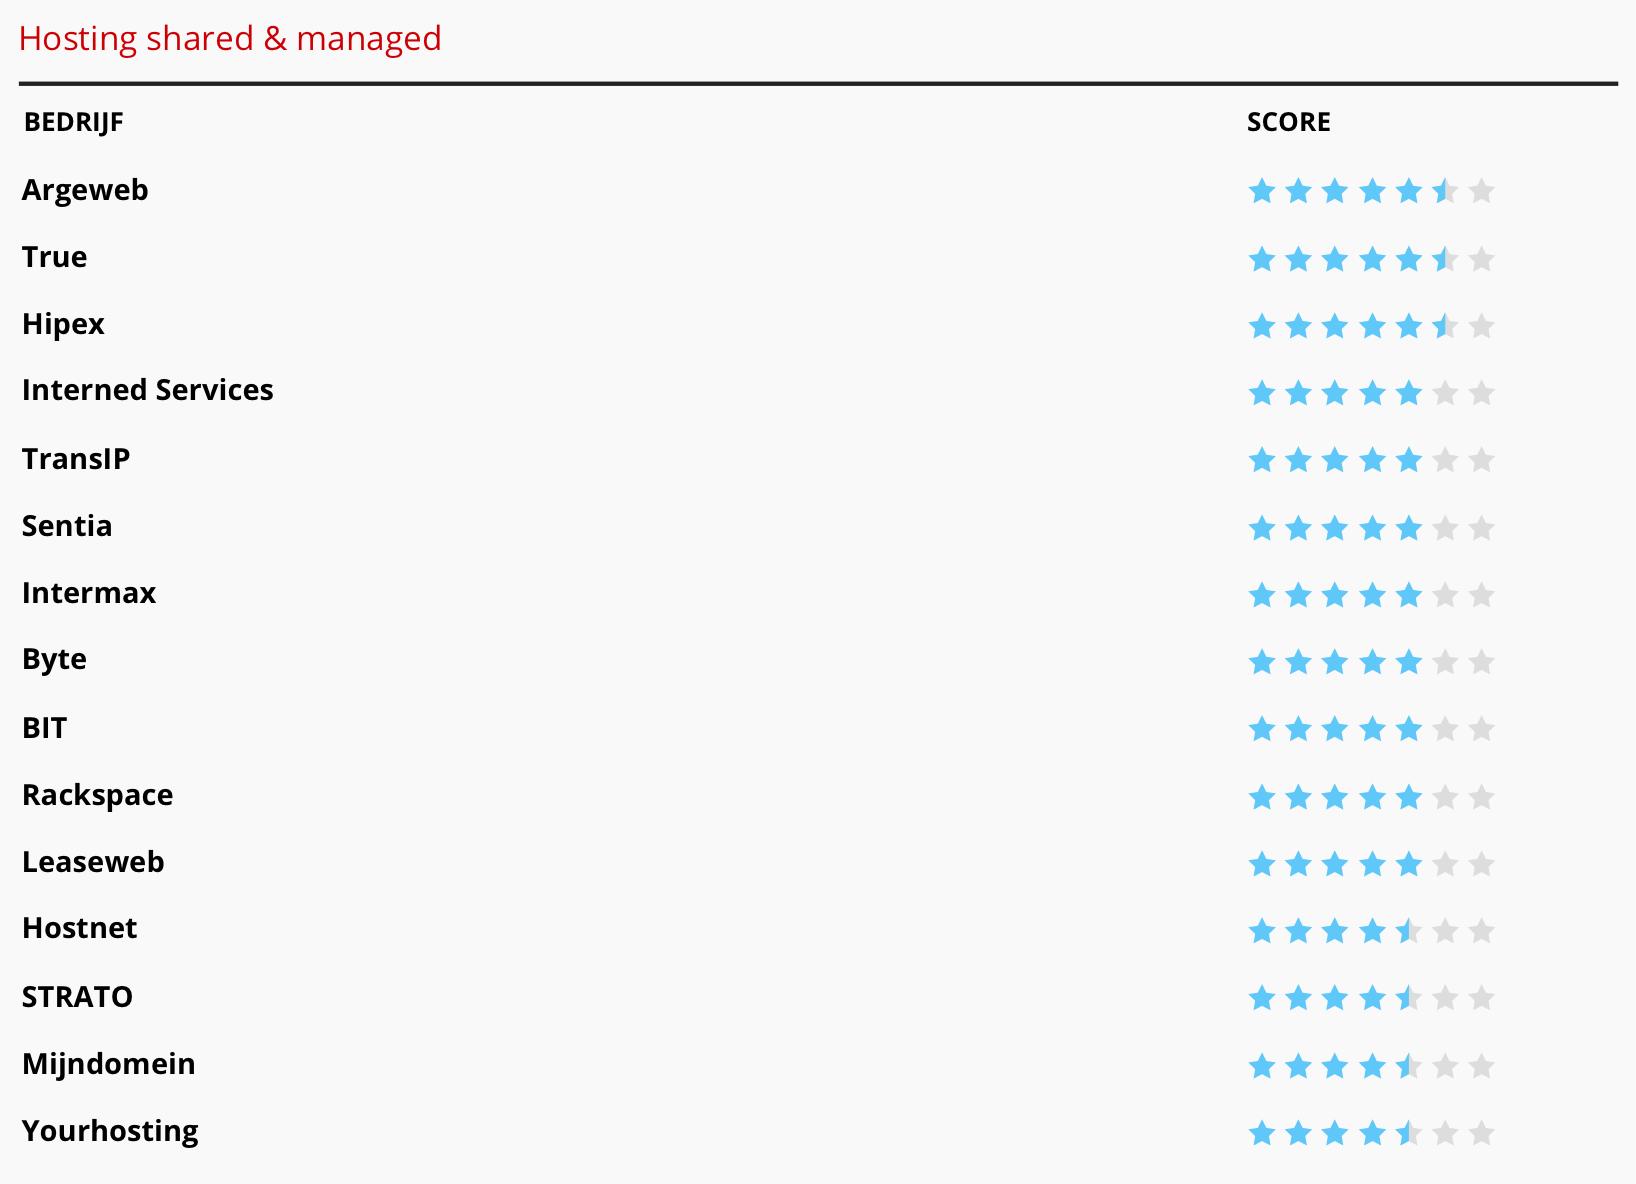 Vijf en halve sterren voor managed hosting True